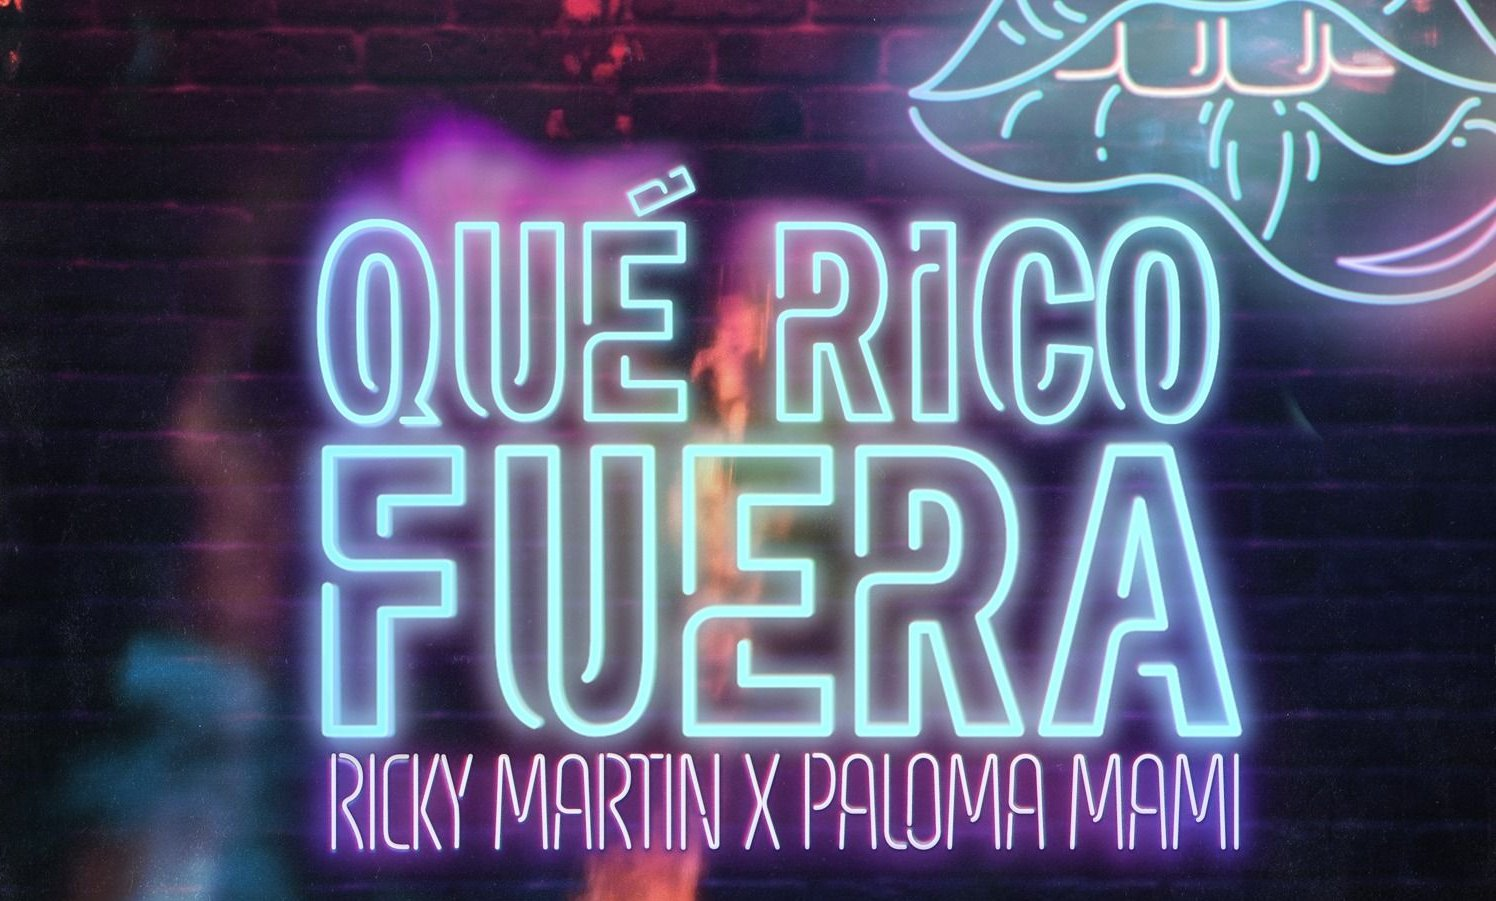 """Ricky Martin junto a Paloma Mami presentaron: """"Que rico fuera"""""""